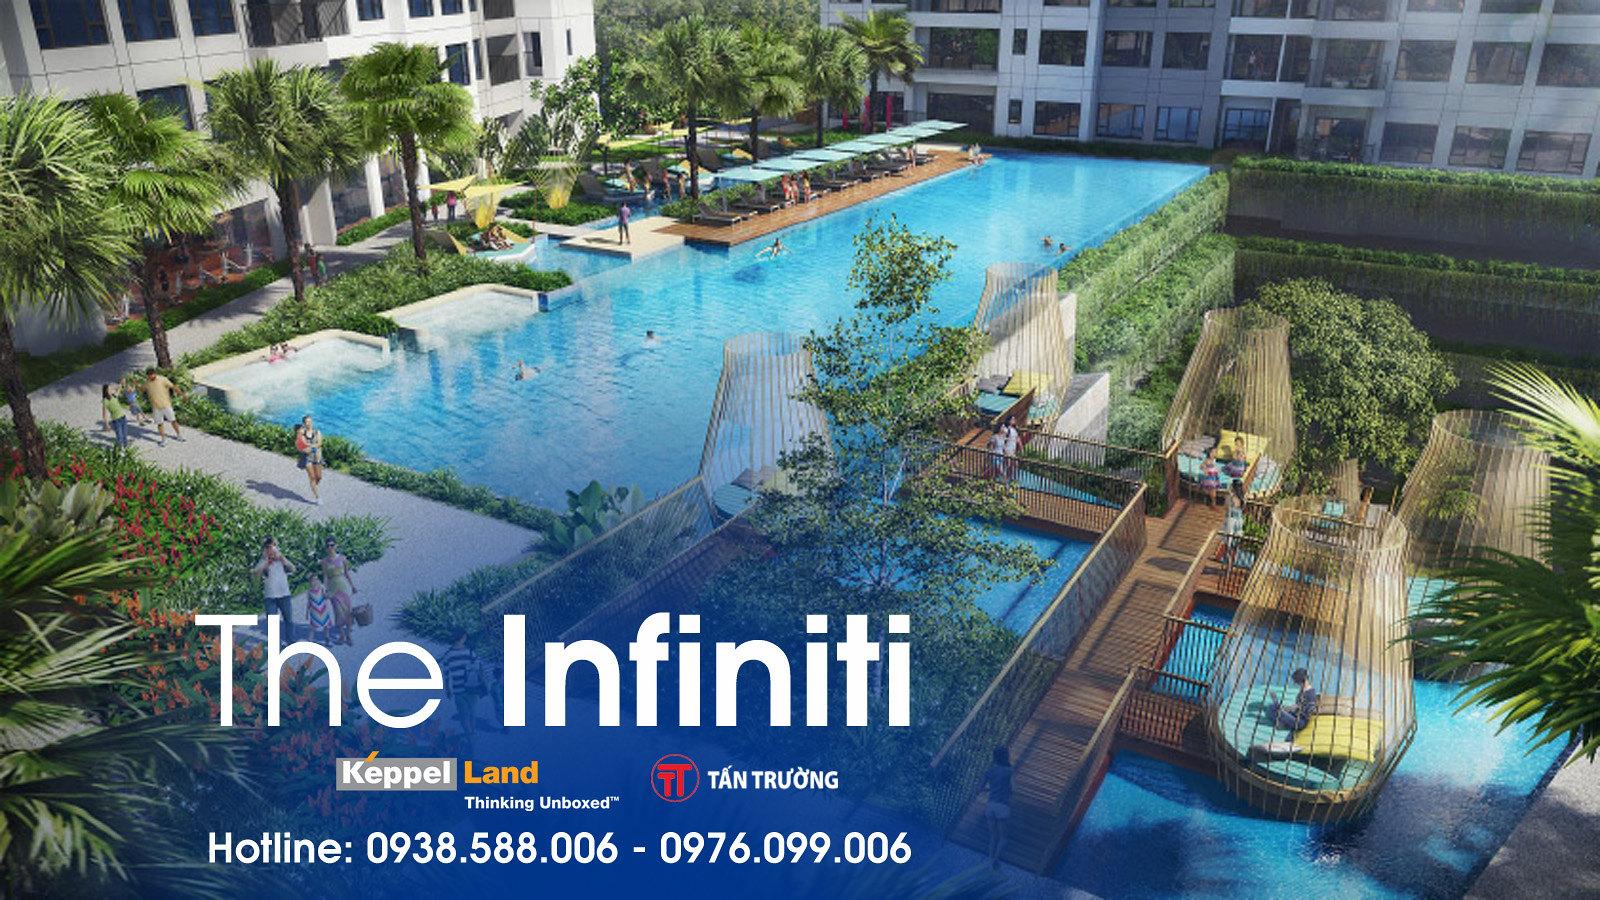 Dự án The Infiniti có công viên nước mặn 1700m2 quy mô lớn nhất Nam Sài Gòn.